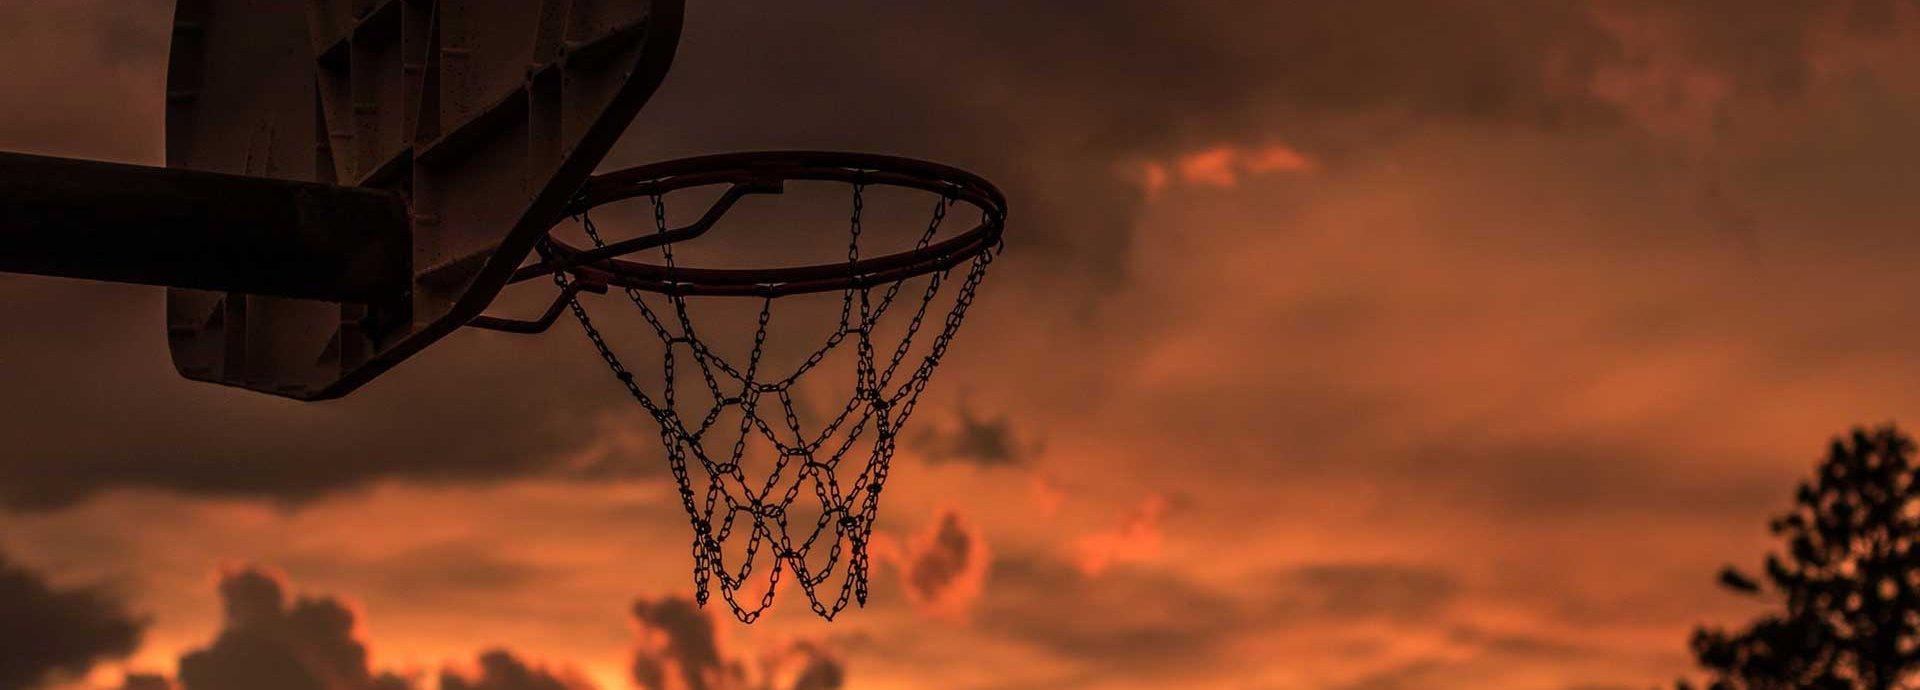 2019_Algemeen_basketballavond.jpg